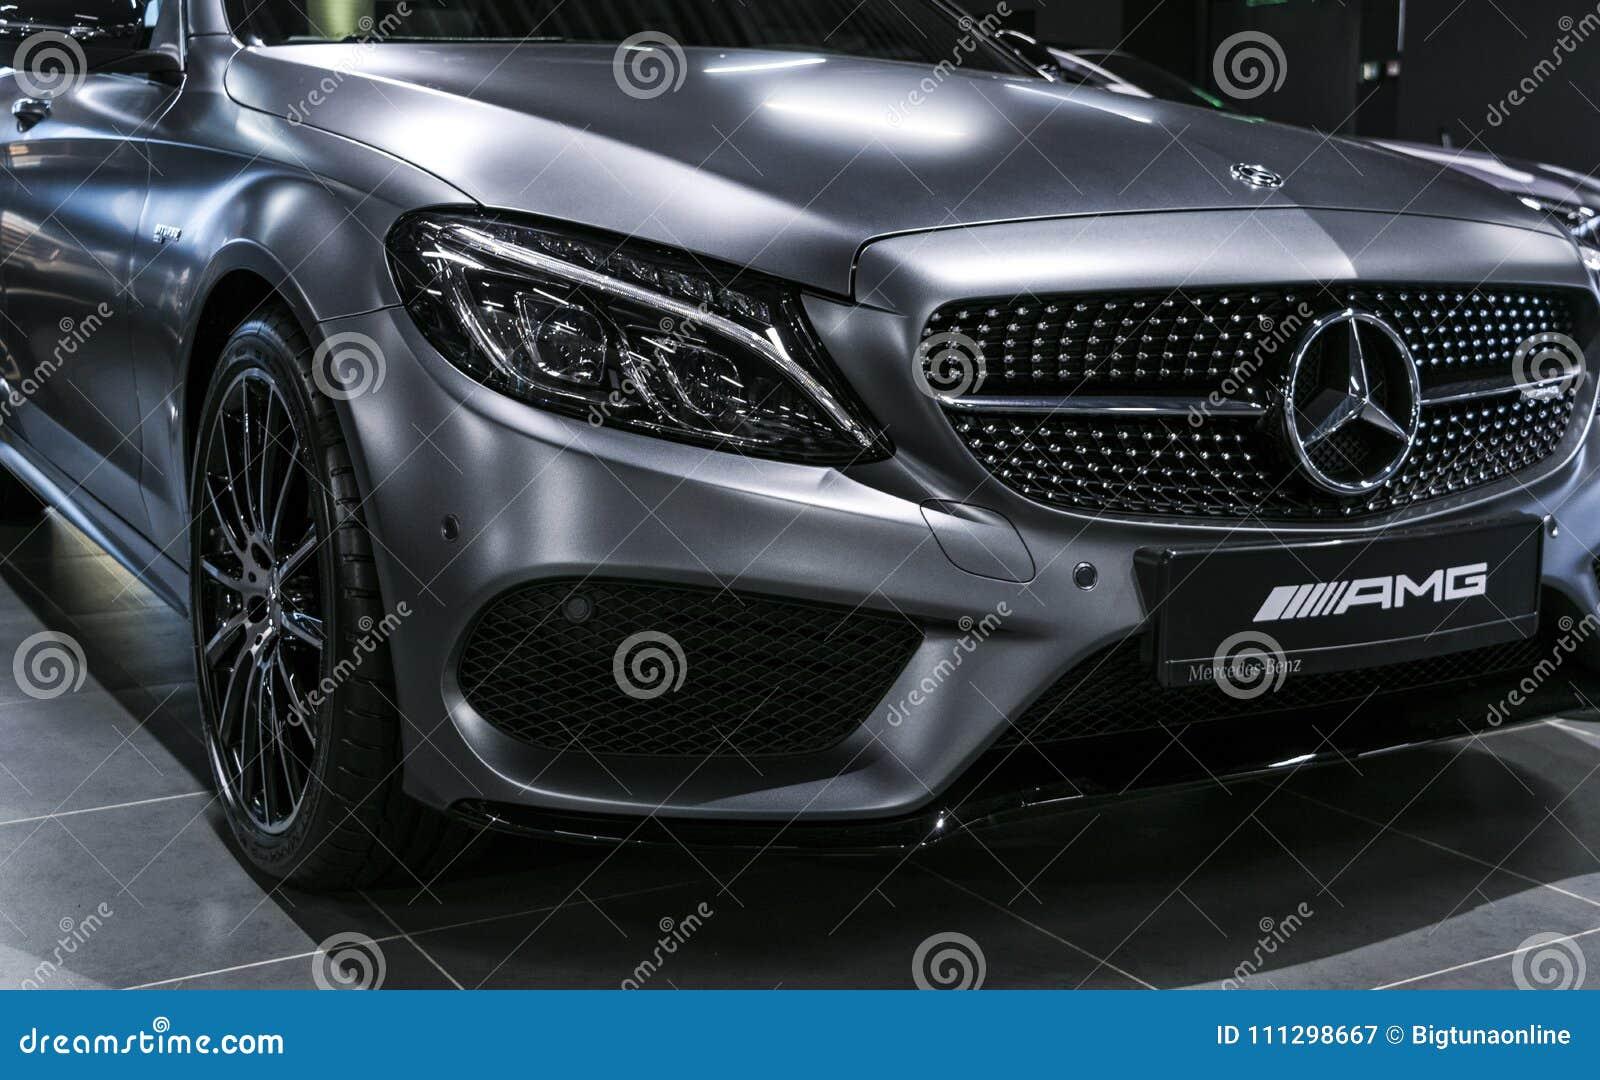 Vorderansicht von Mercedes Benz C 43 AMG V8 Bi-Turbo 4Matic 2018 scheinwerfer Autoäußerdetails